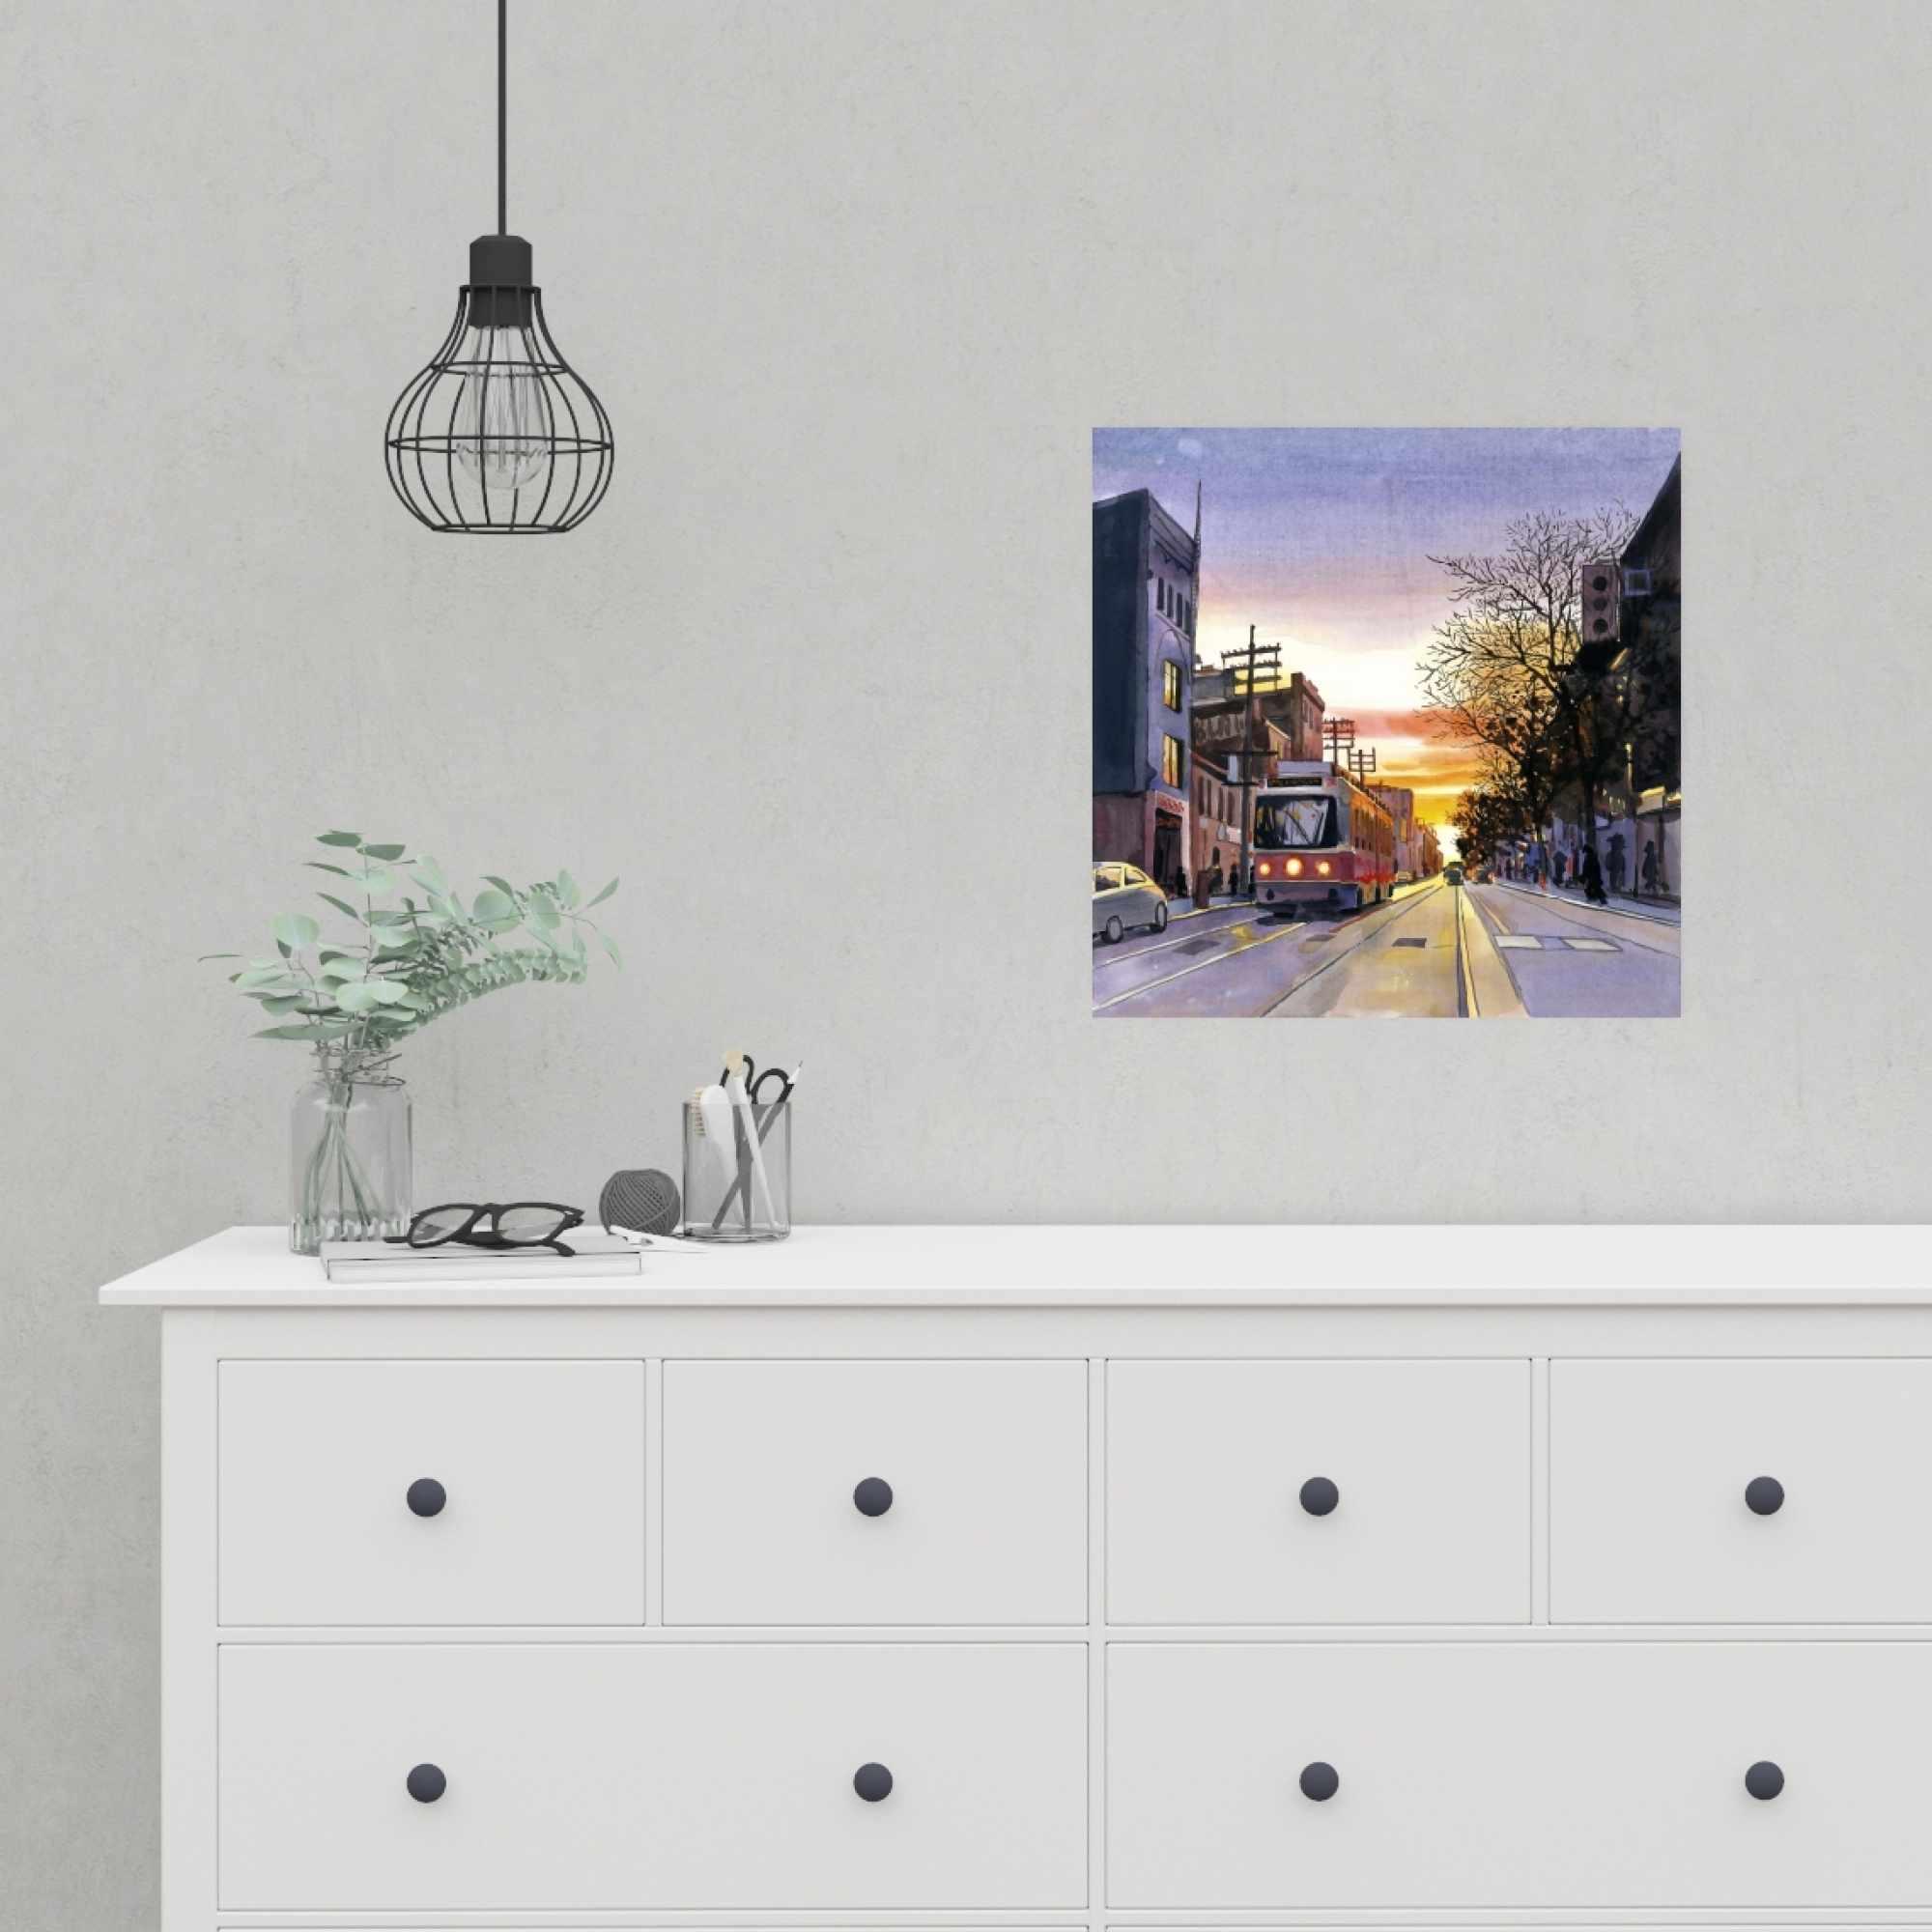 Affiche 16 x 16 - Coucher de soleil une rue torontoise